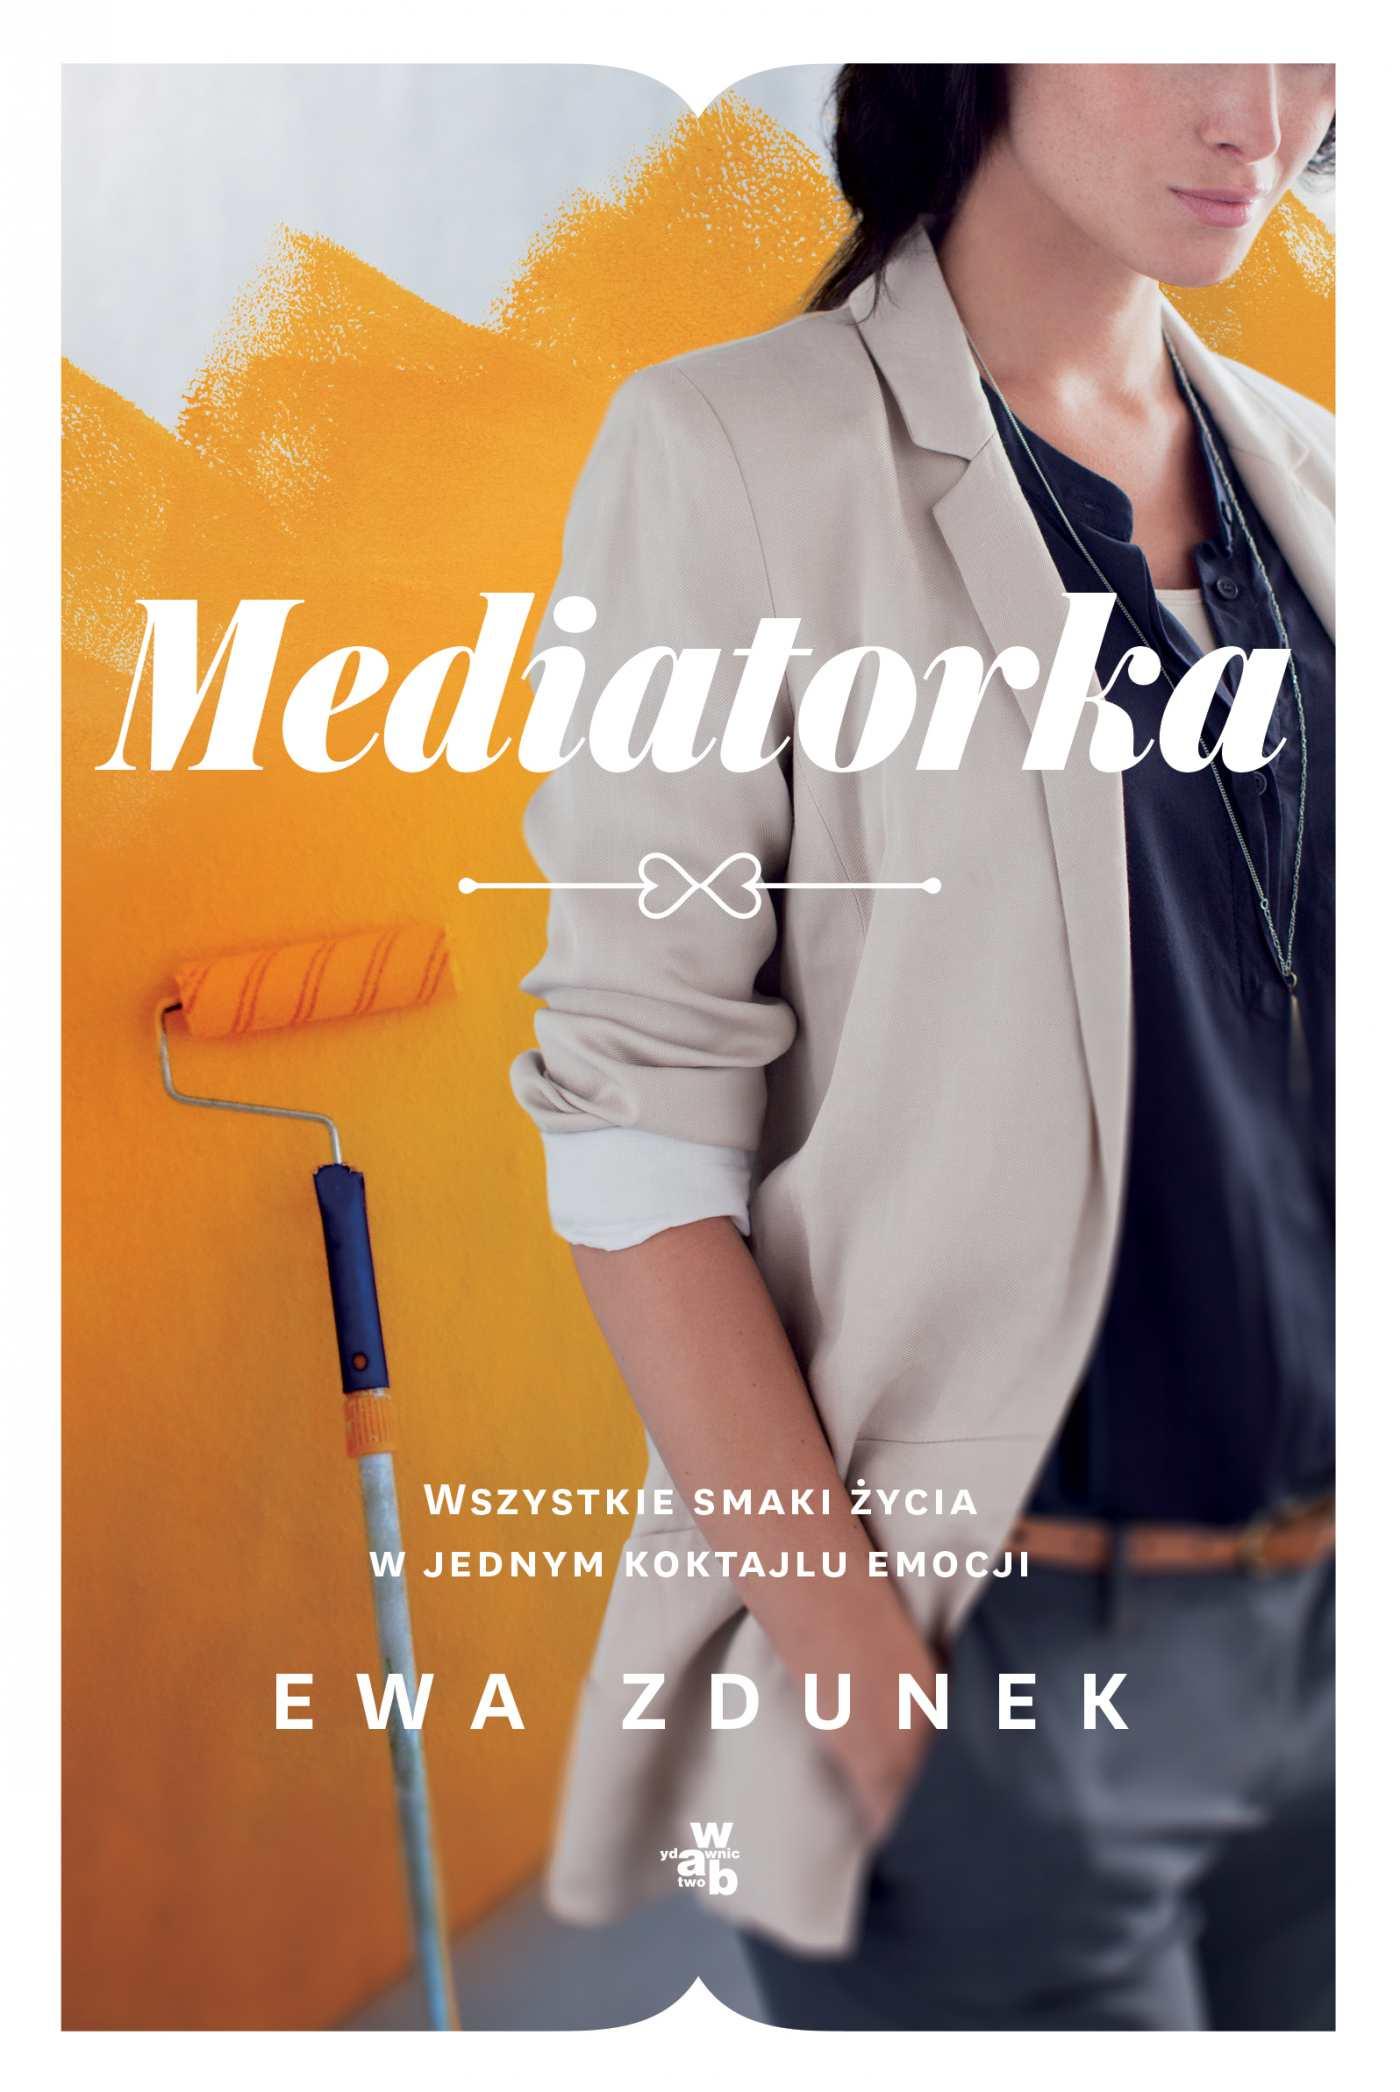 Mediatorka - Ebook (Książka EPUB) do pobrania w formacie EPUB